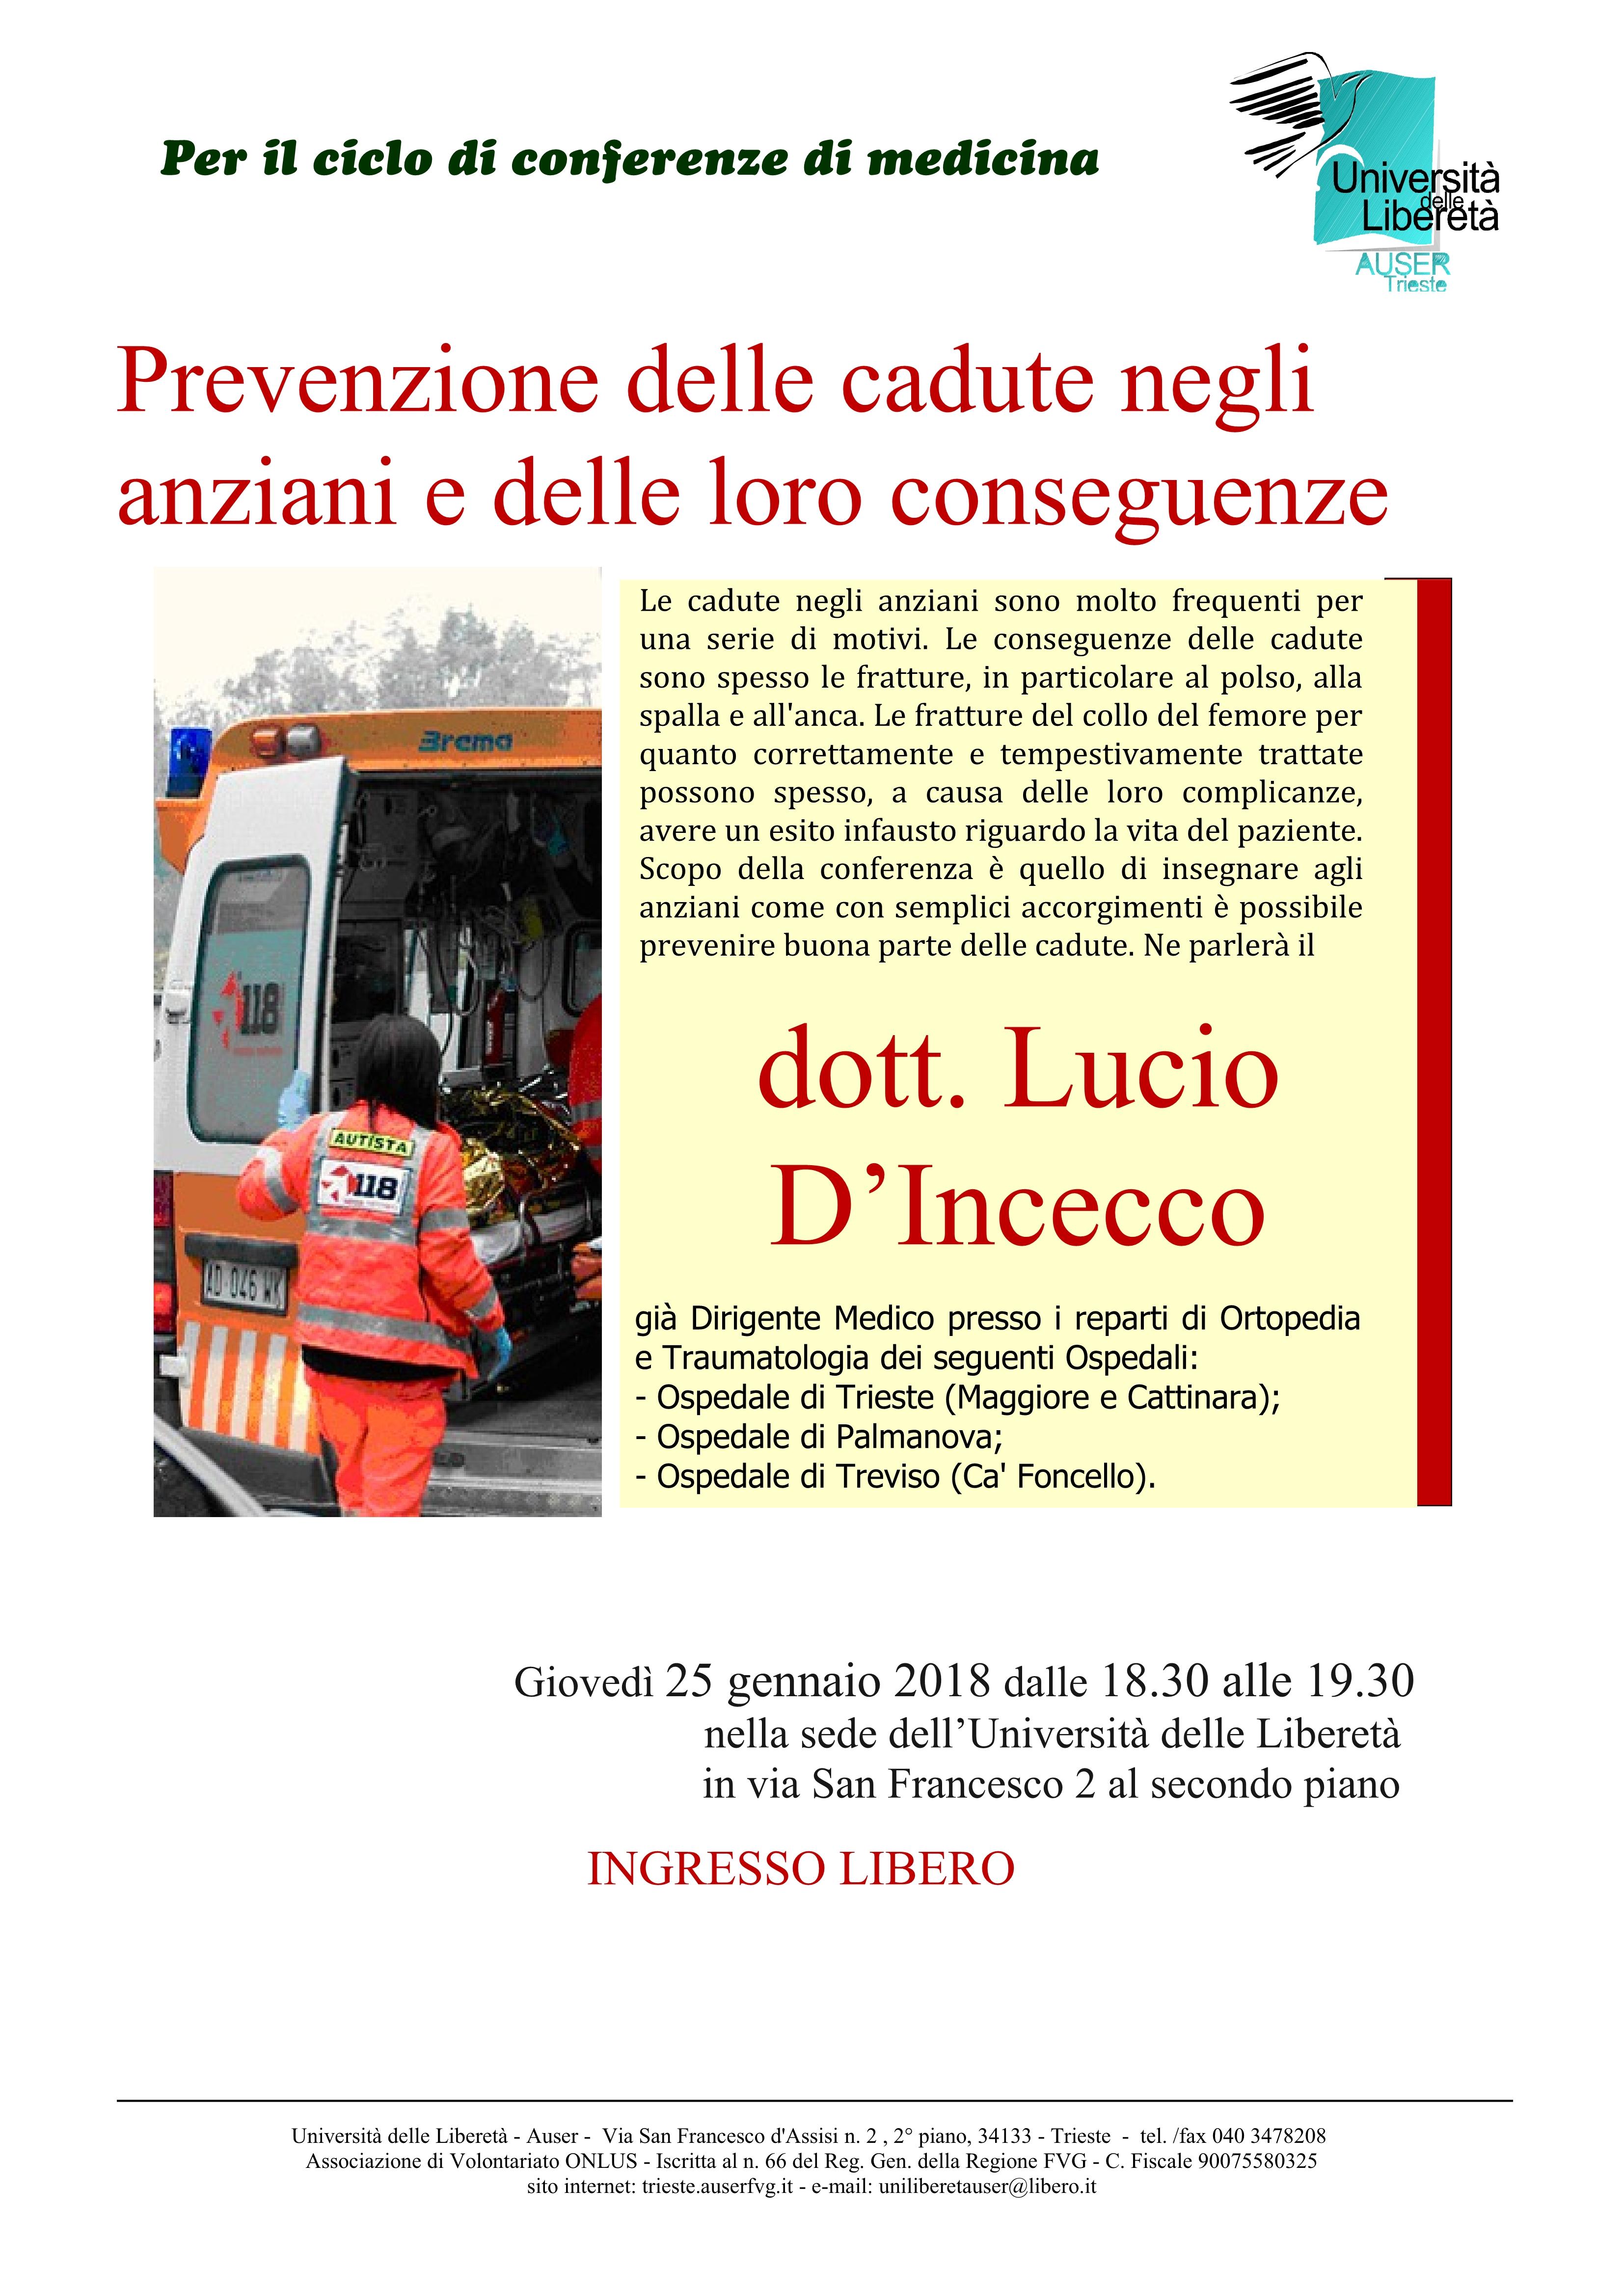 D'Incecco1